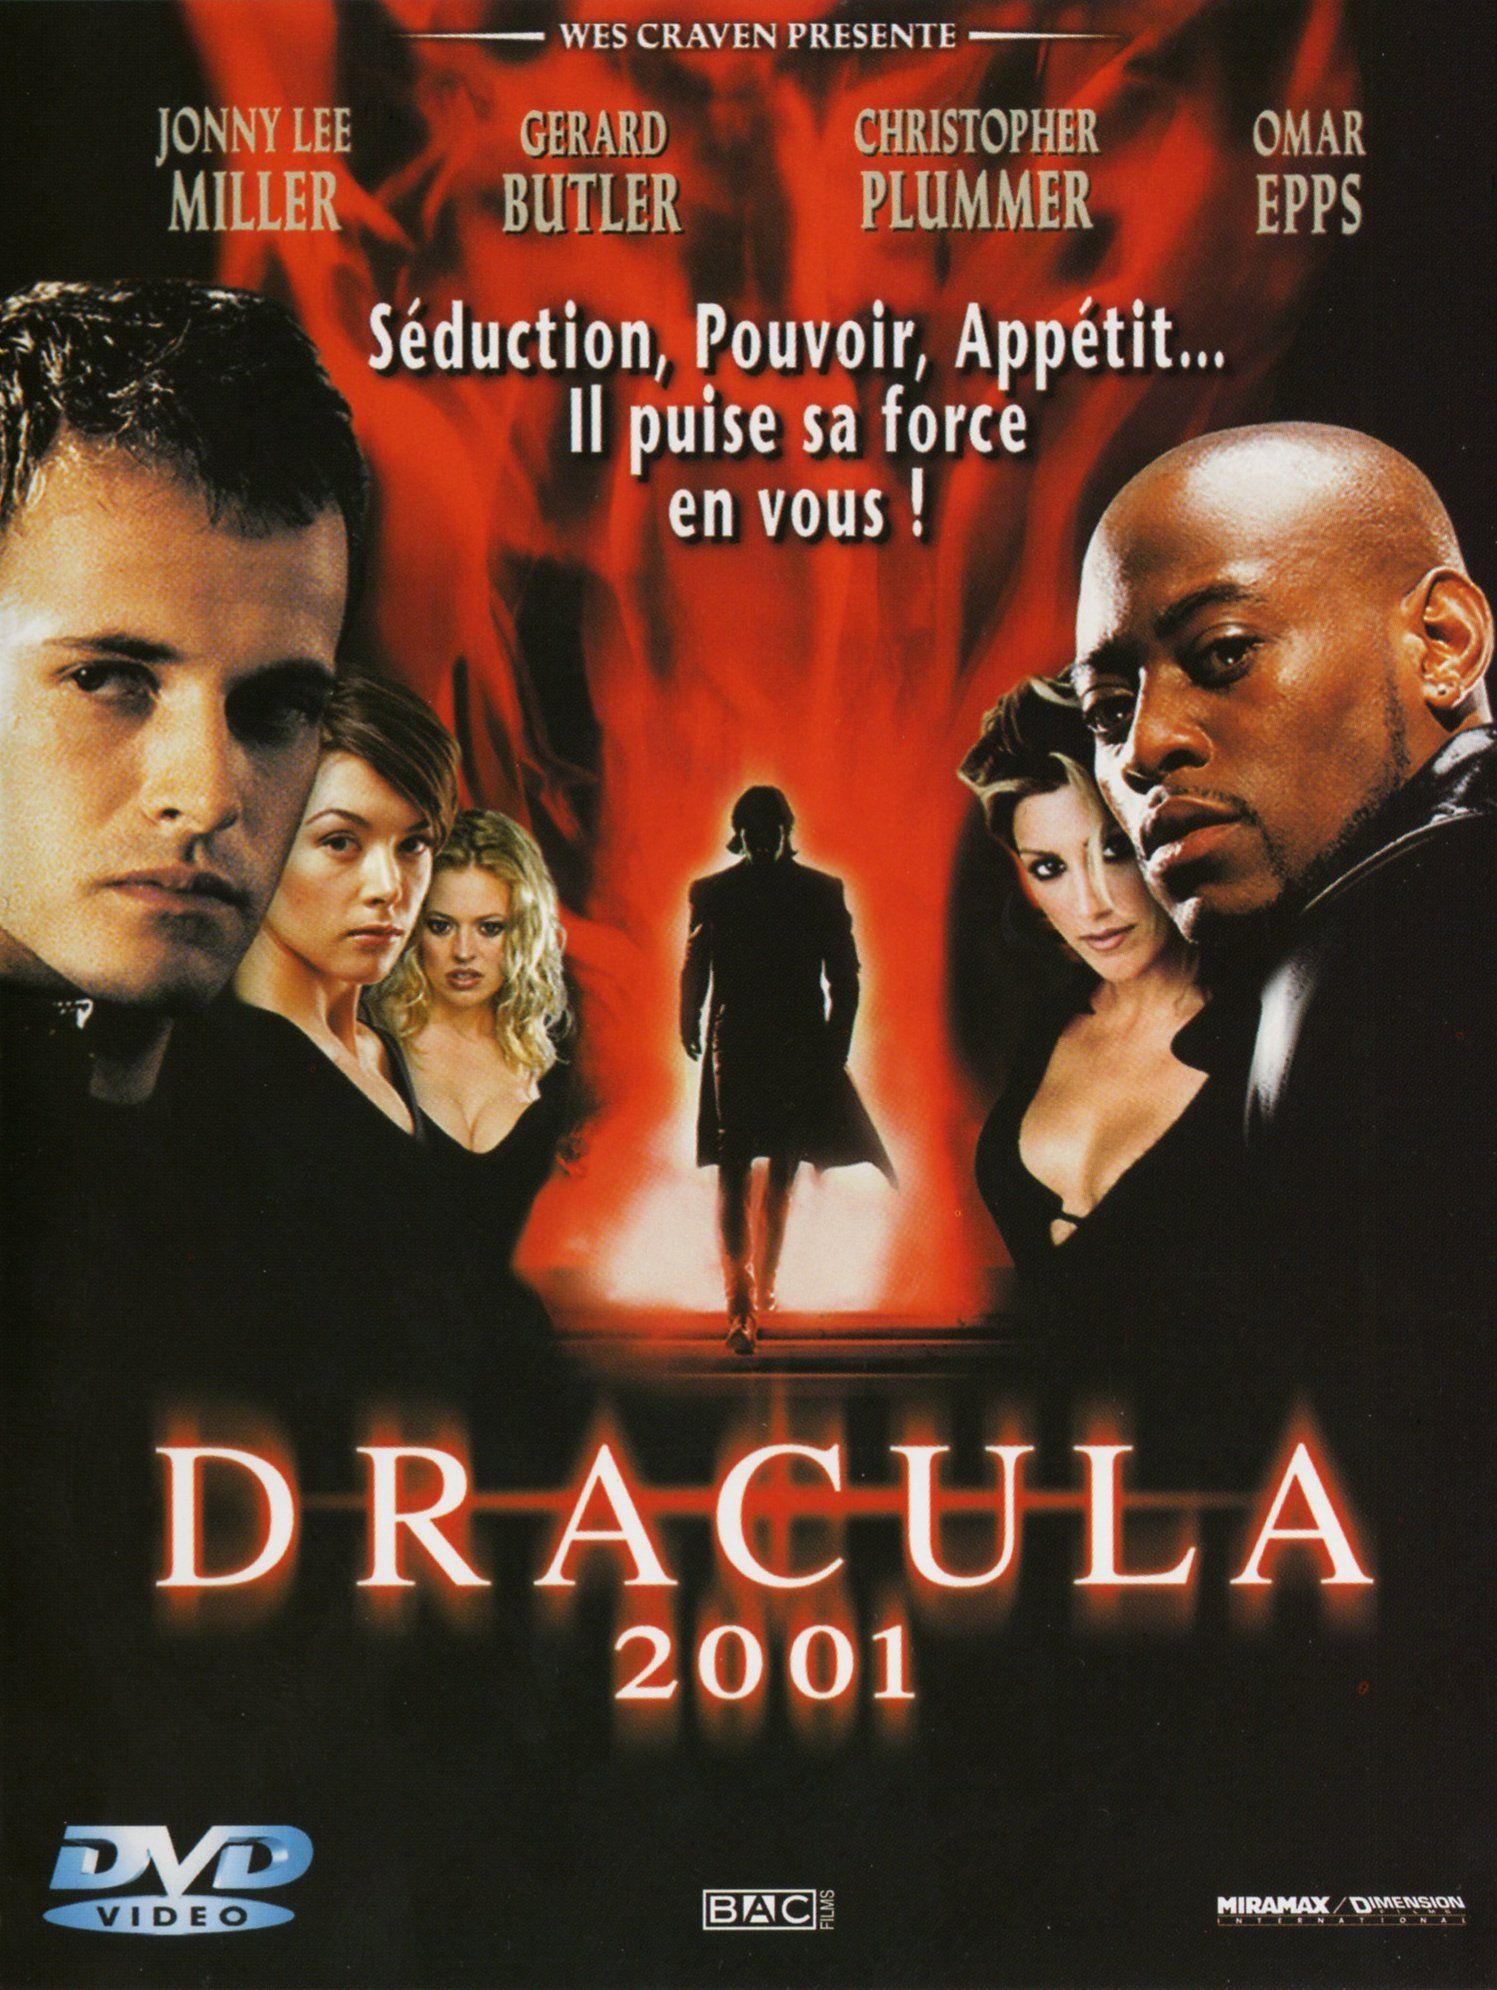 affiches posters et images de dracula 2001 2000